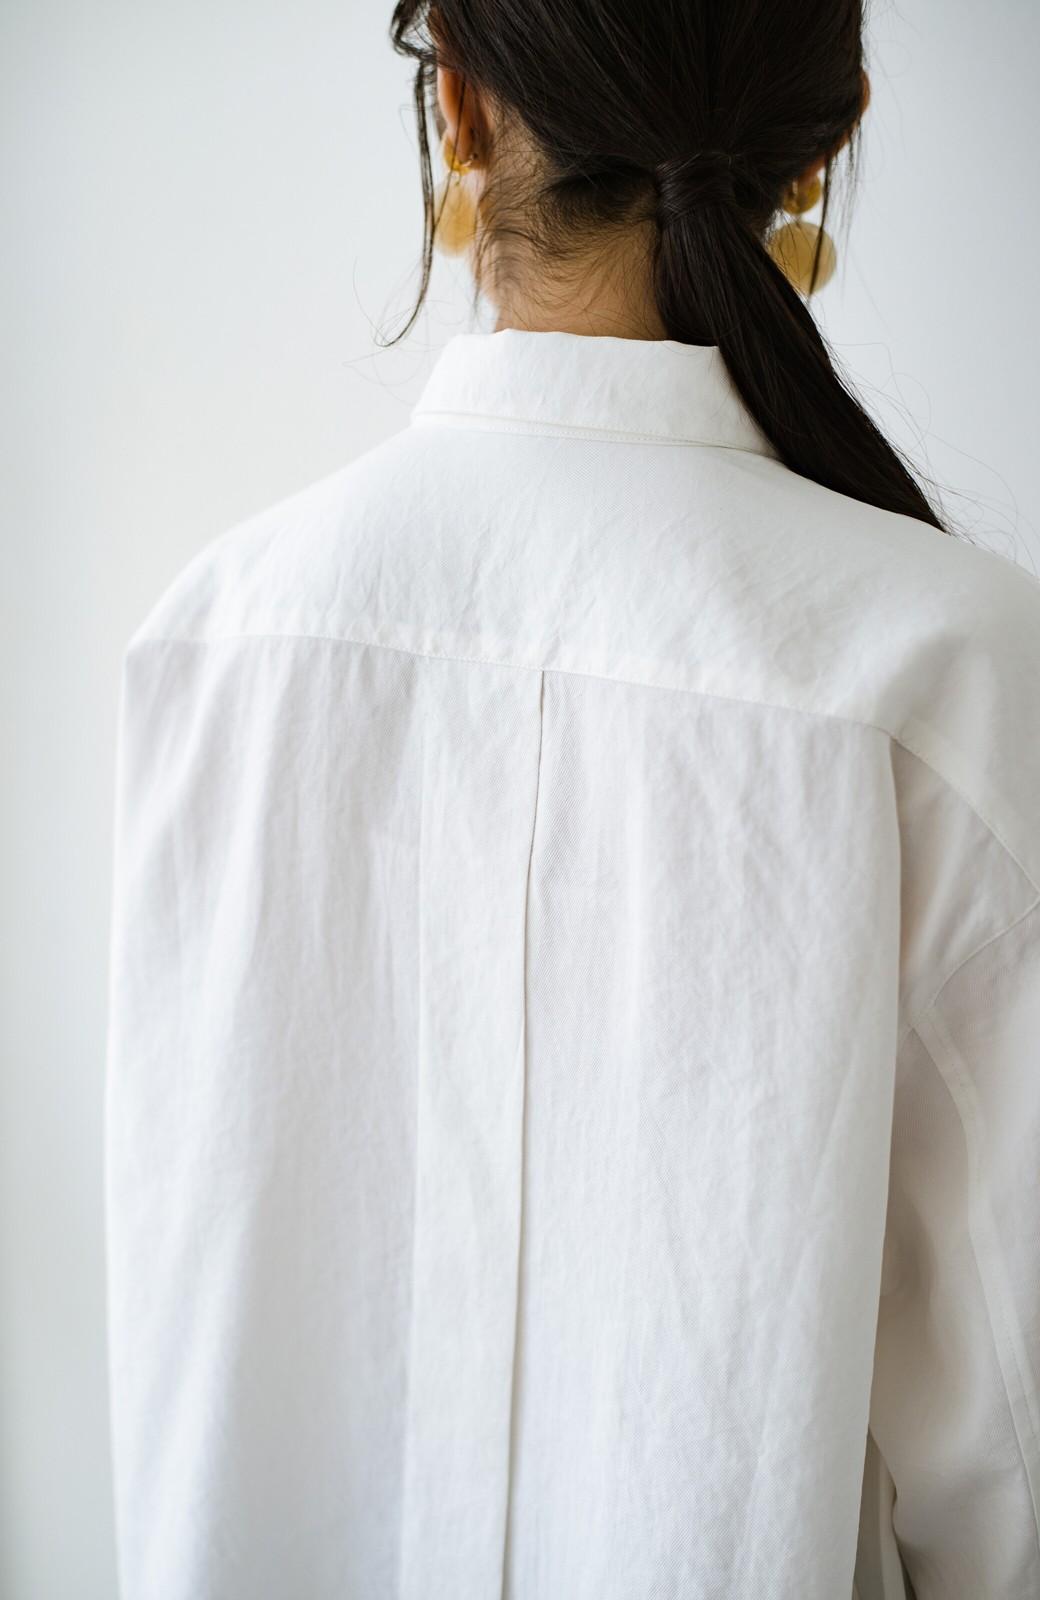 haco! ニットとのこなれた重ね着が簡単にできる!なめらか素材でつくった大人のためのシンプルシャツ <ホワイト>の商品写真7